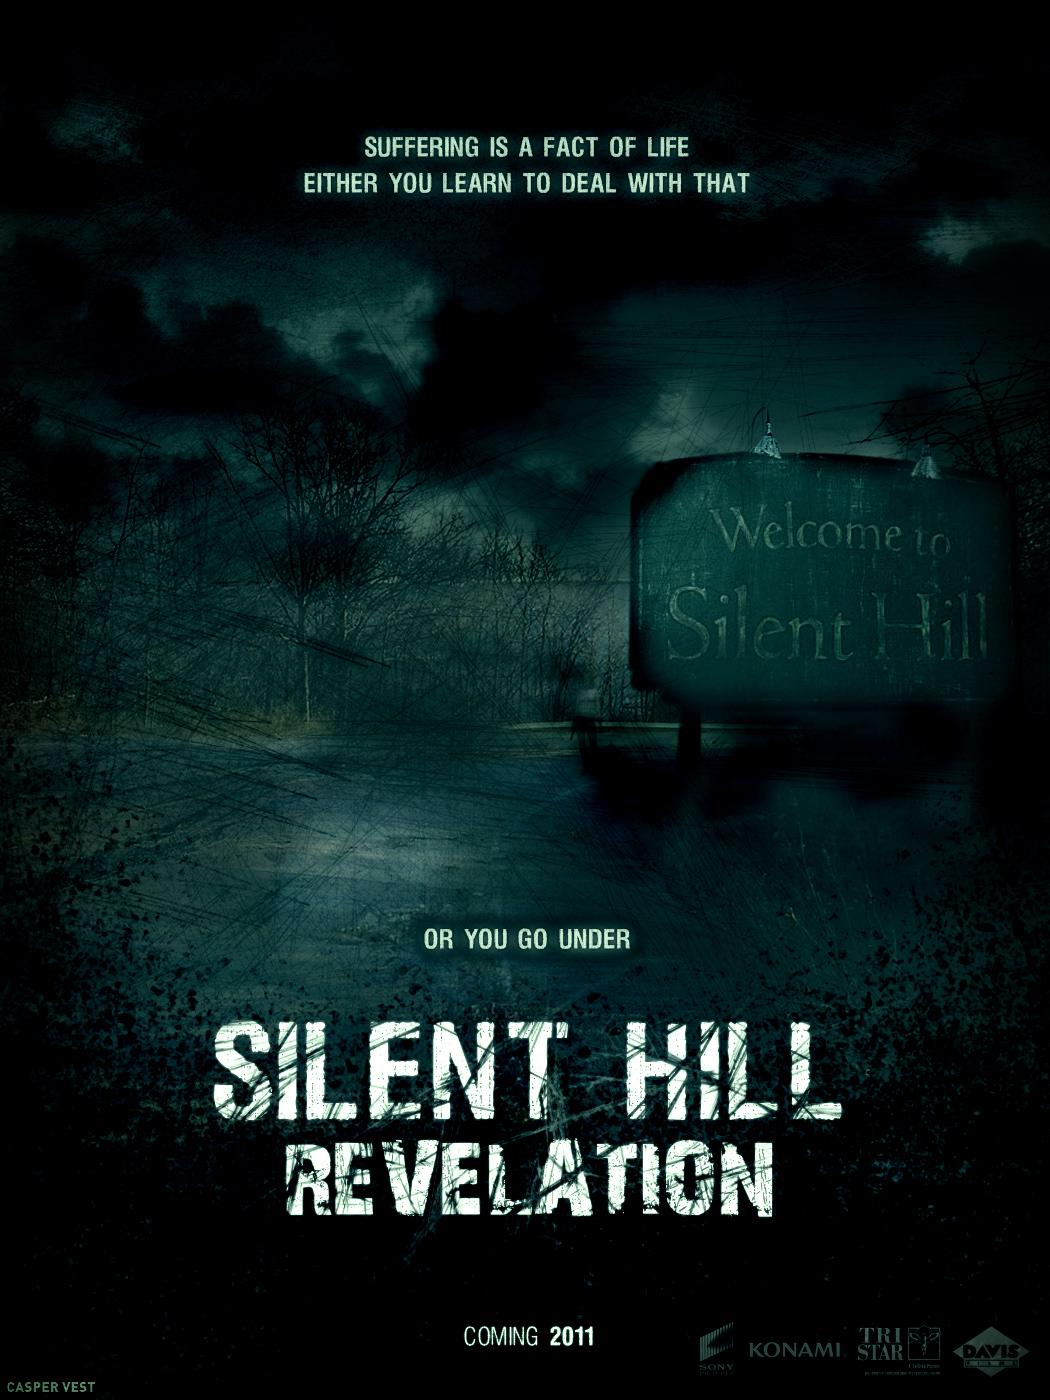 咚董董鼕鼕...東東: 沉默之丘2: 啟示錄 (Silent Hill: Revelation 3D)